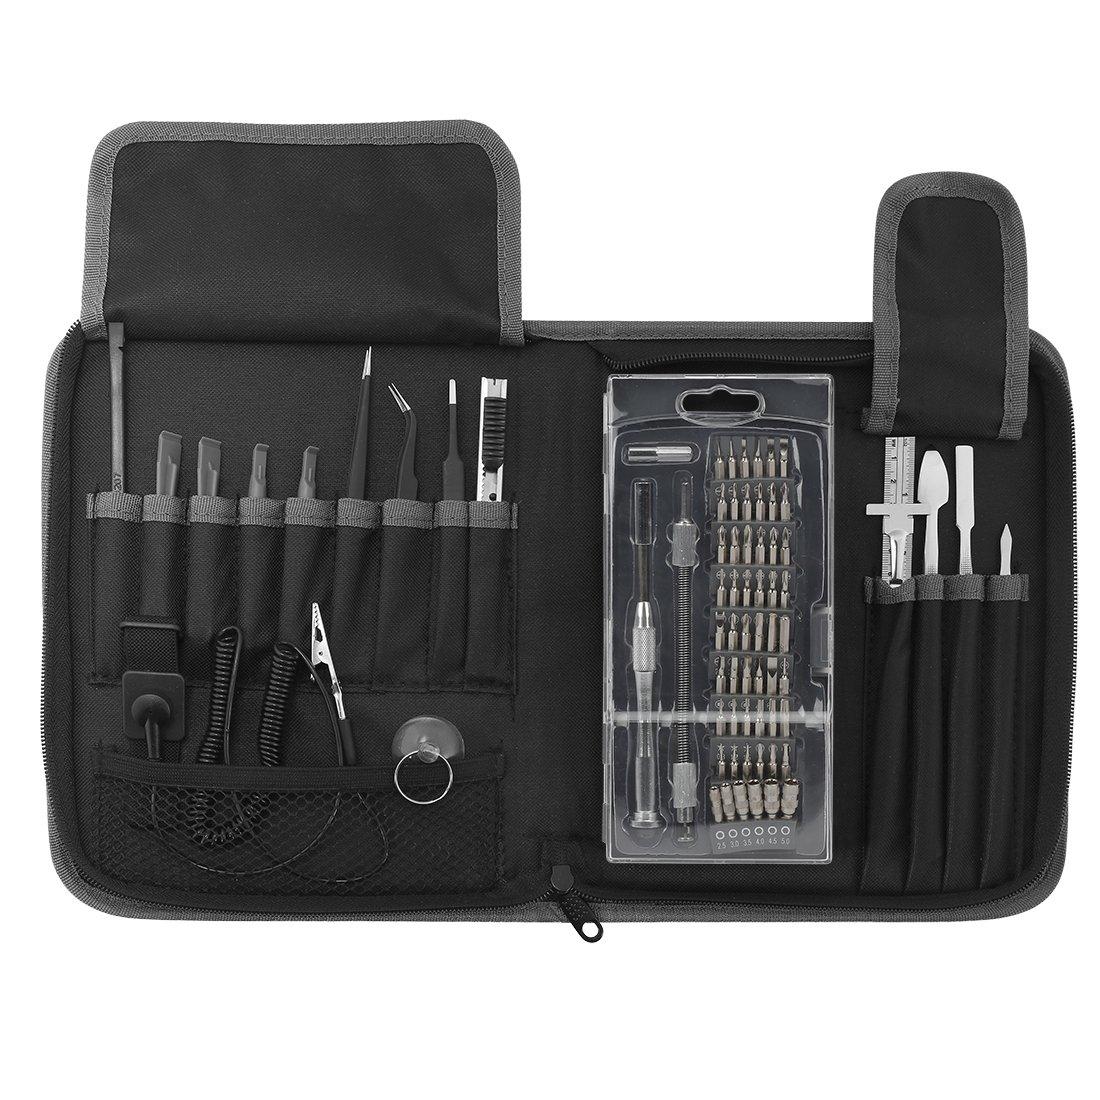 AmazonBasics - Kit de herramientas para electrónica: Amazon.es ...